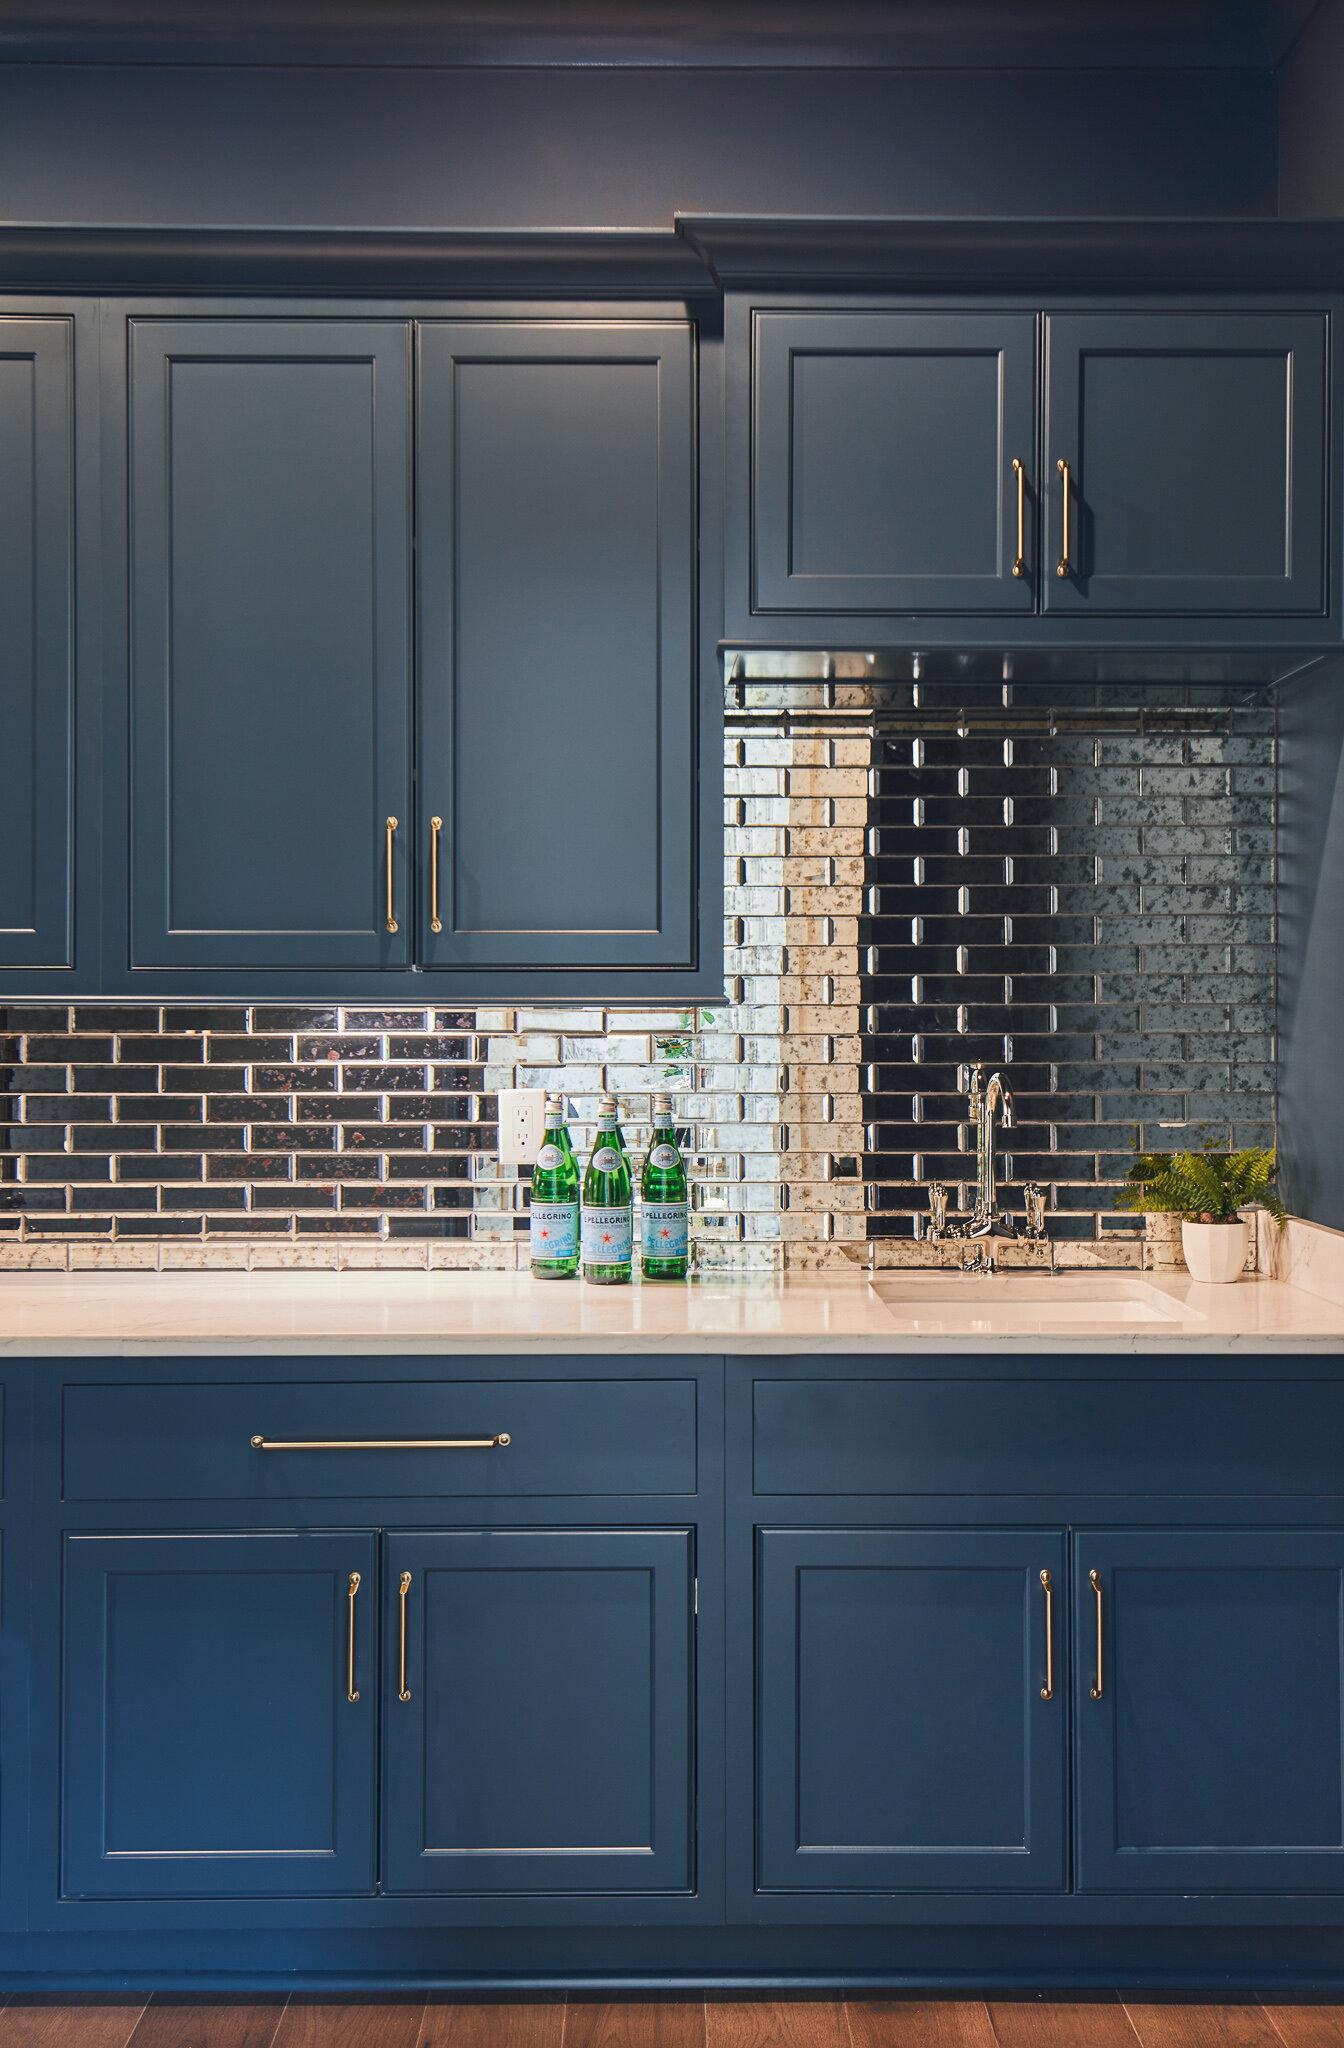 12 Kitchen Design Trends to Watch In 12 — Toulmin Kitchen & Bath